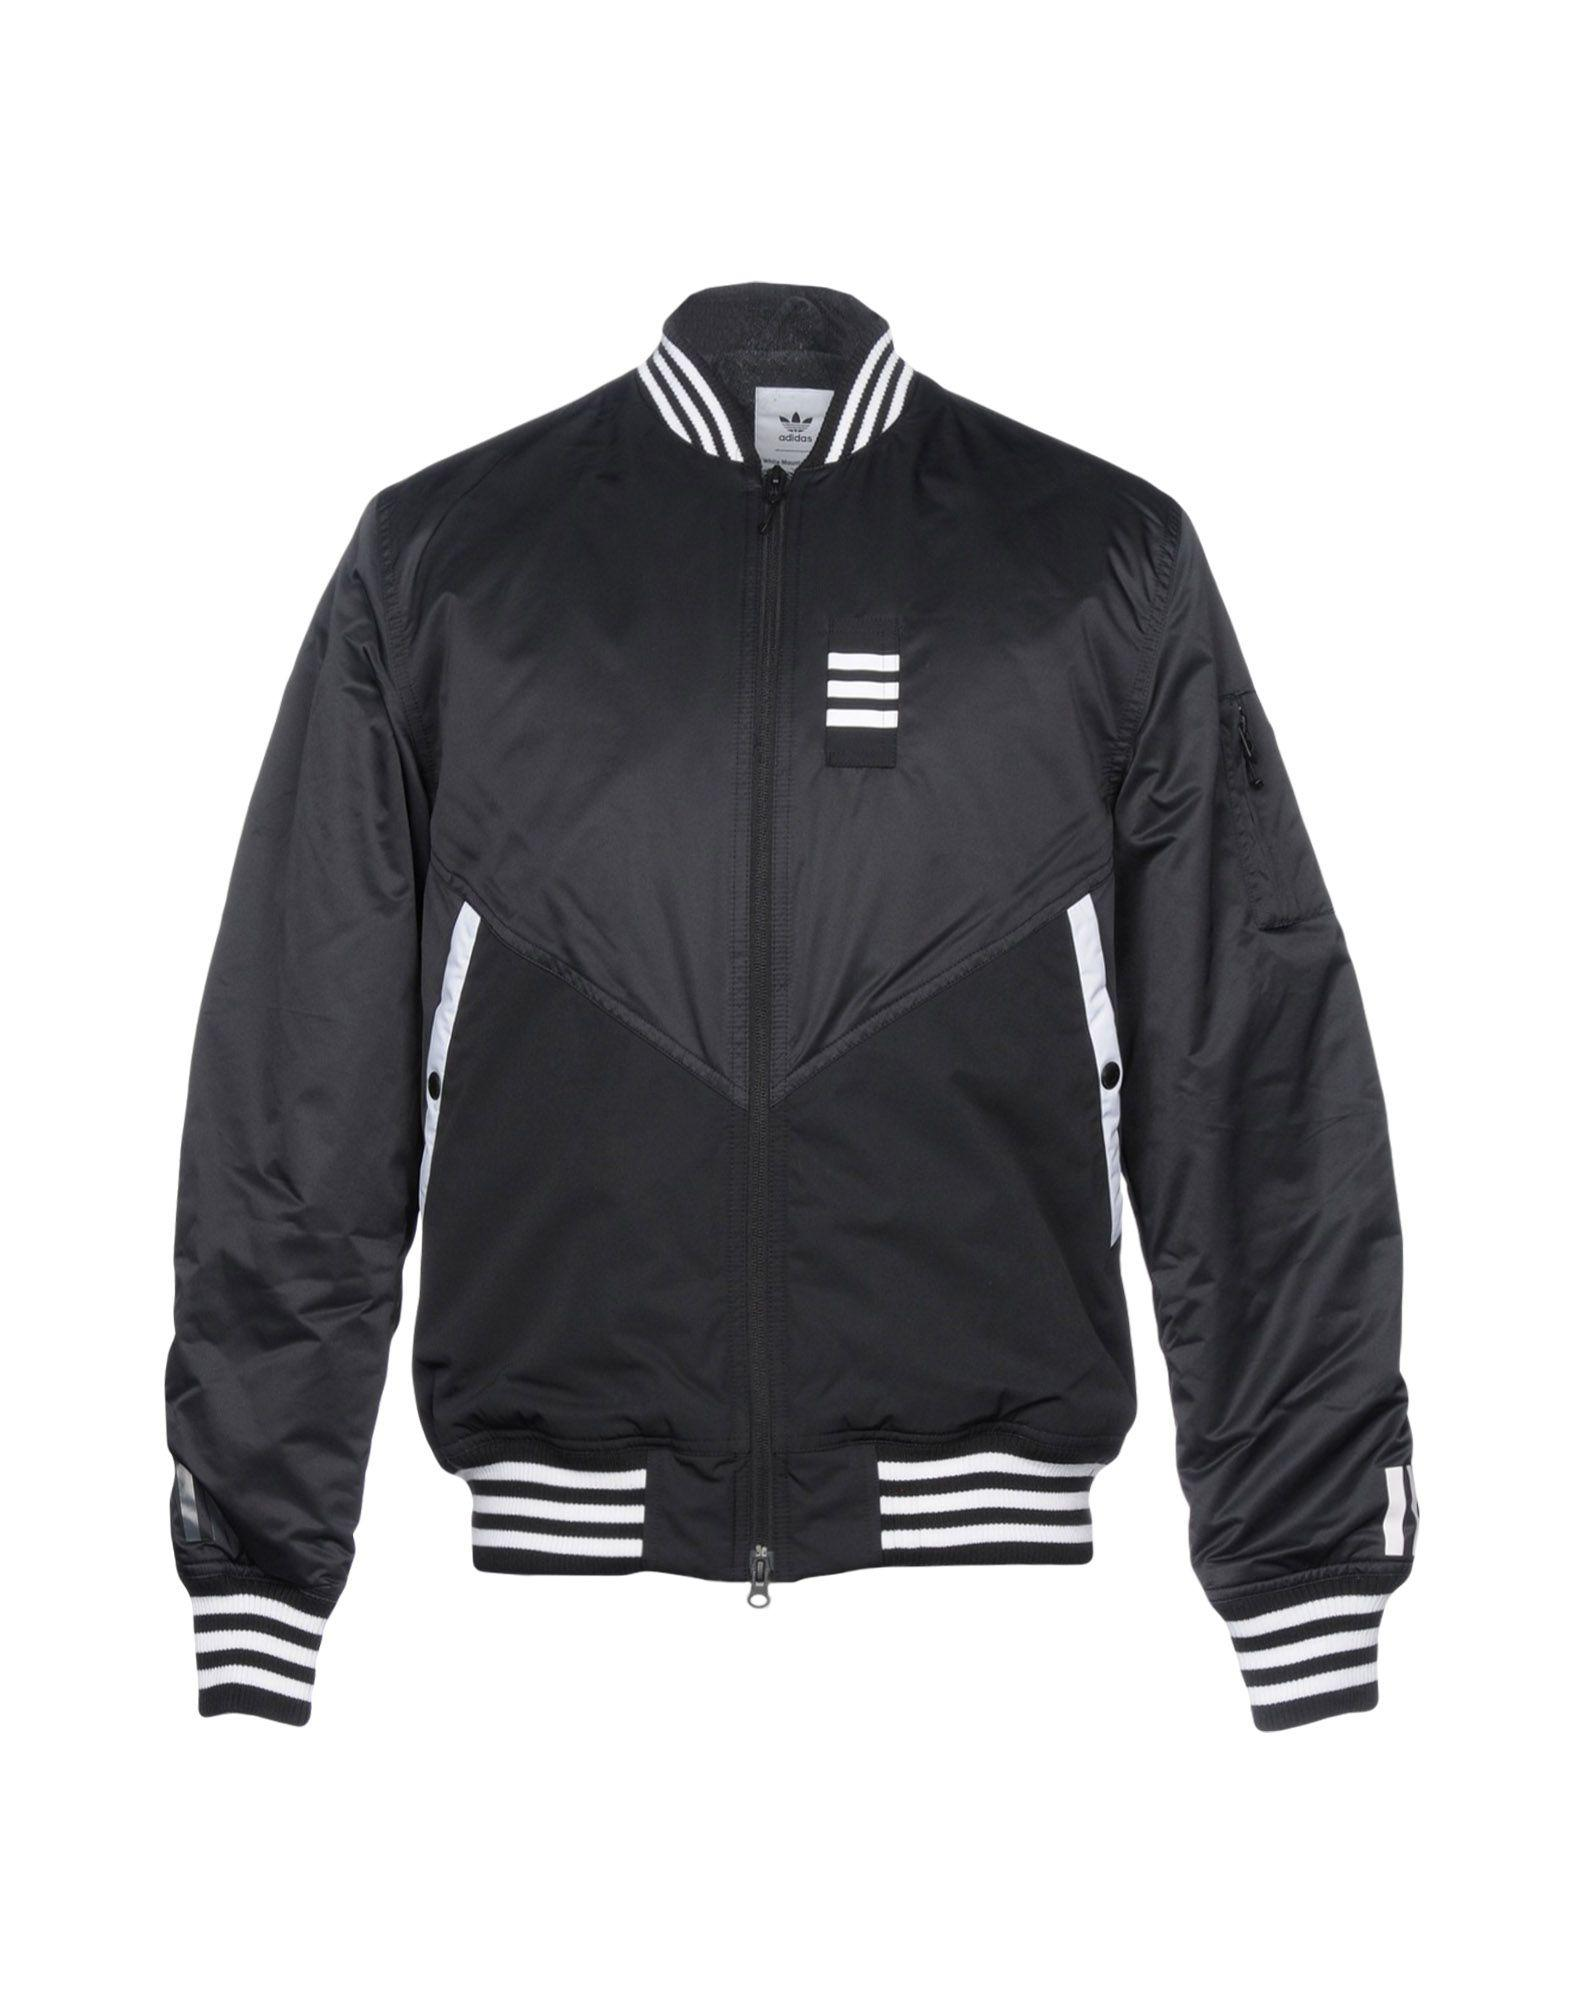 Adidas Originals Jackets In Black